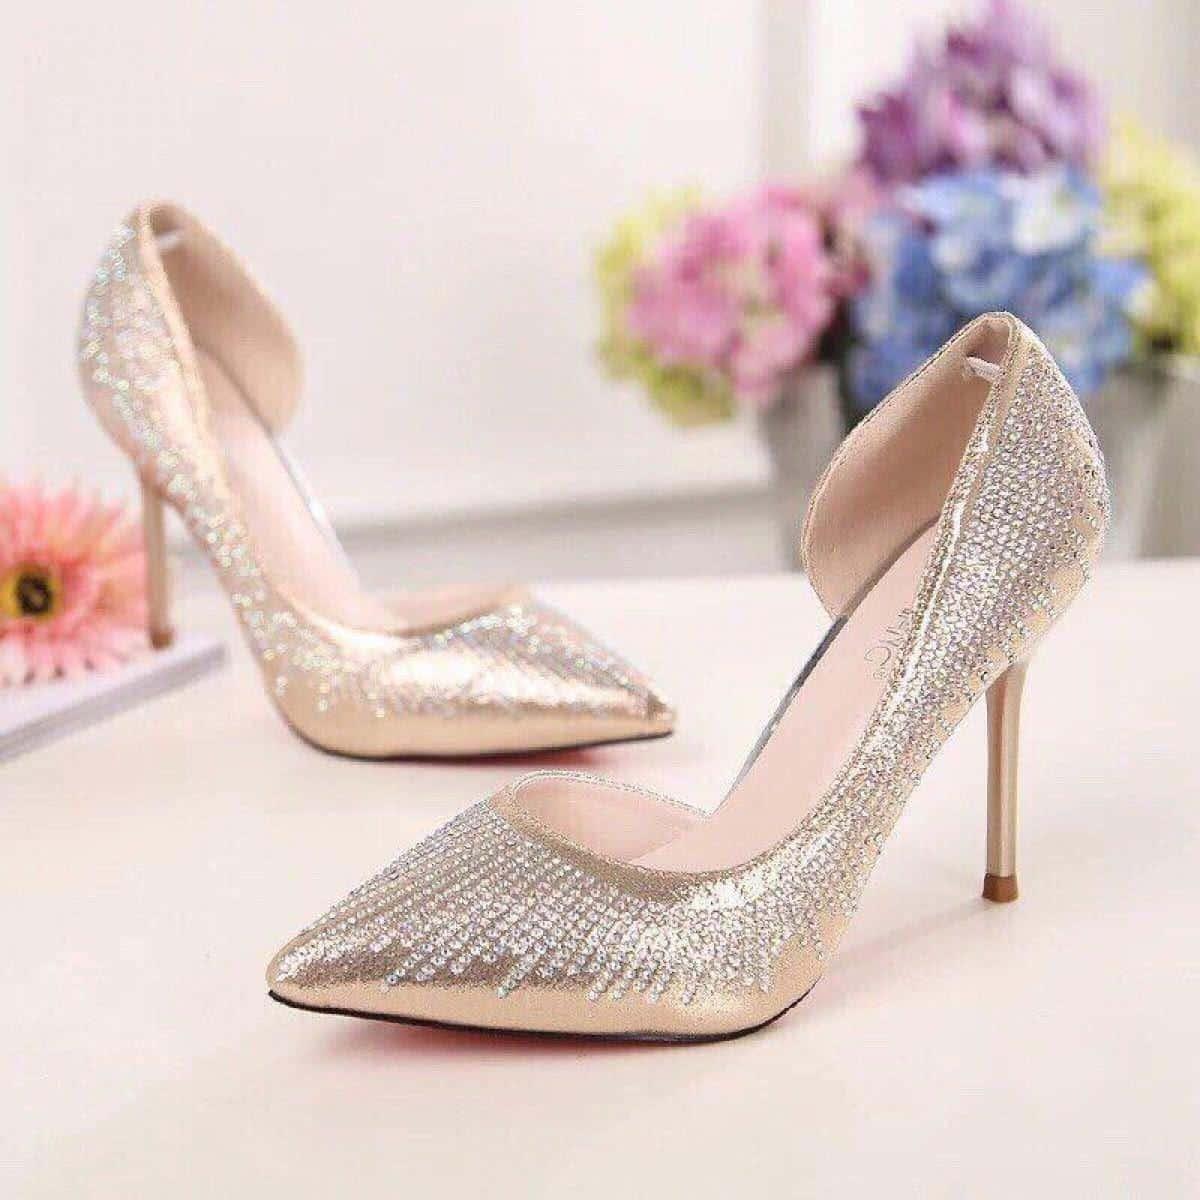 Đi tìm shop giày giá rẻ cho chị em mê giày cao gót - Giày cao gót nữ trẻ đẹp